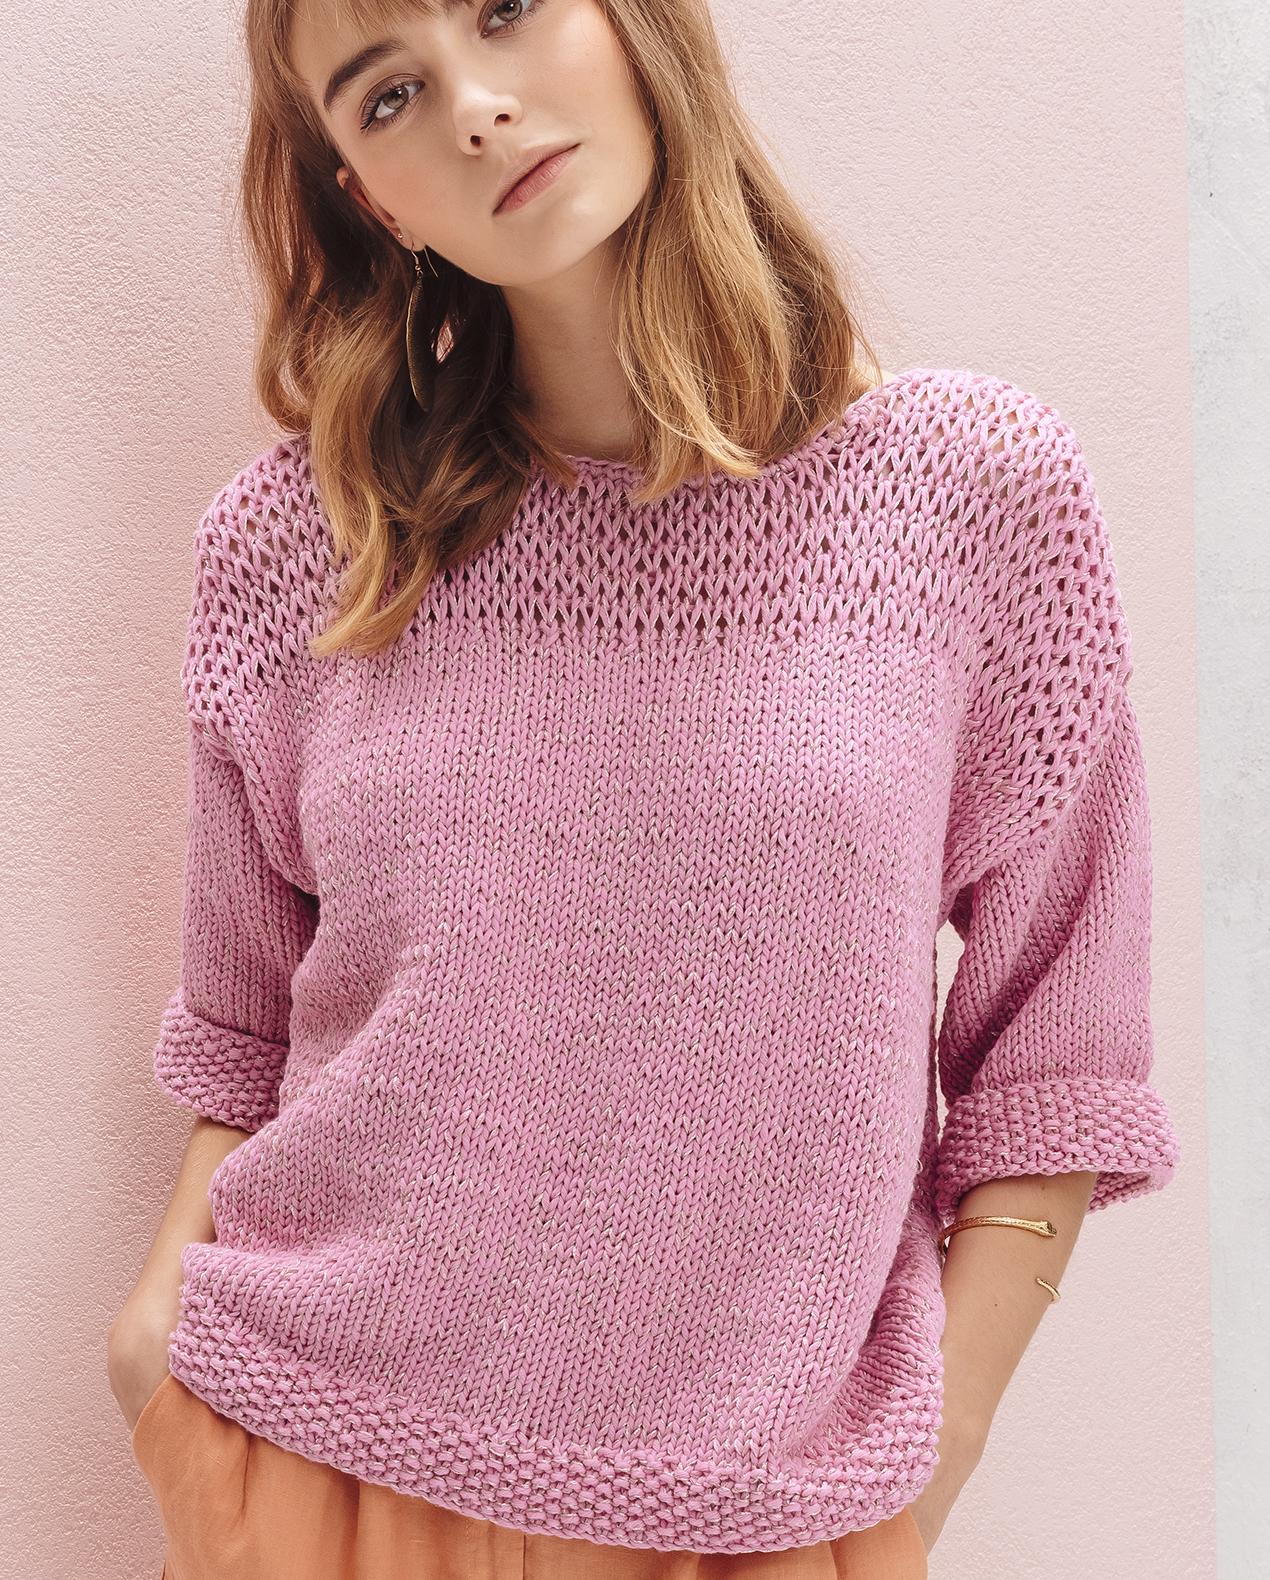 Modele tricot pull coton femme gratuit - julie bas